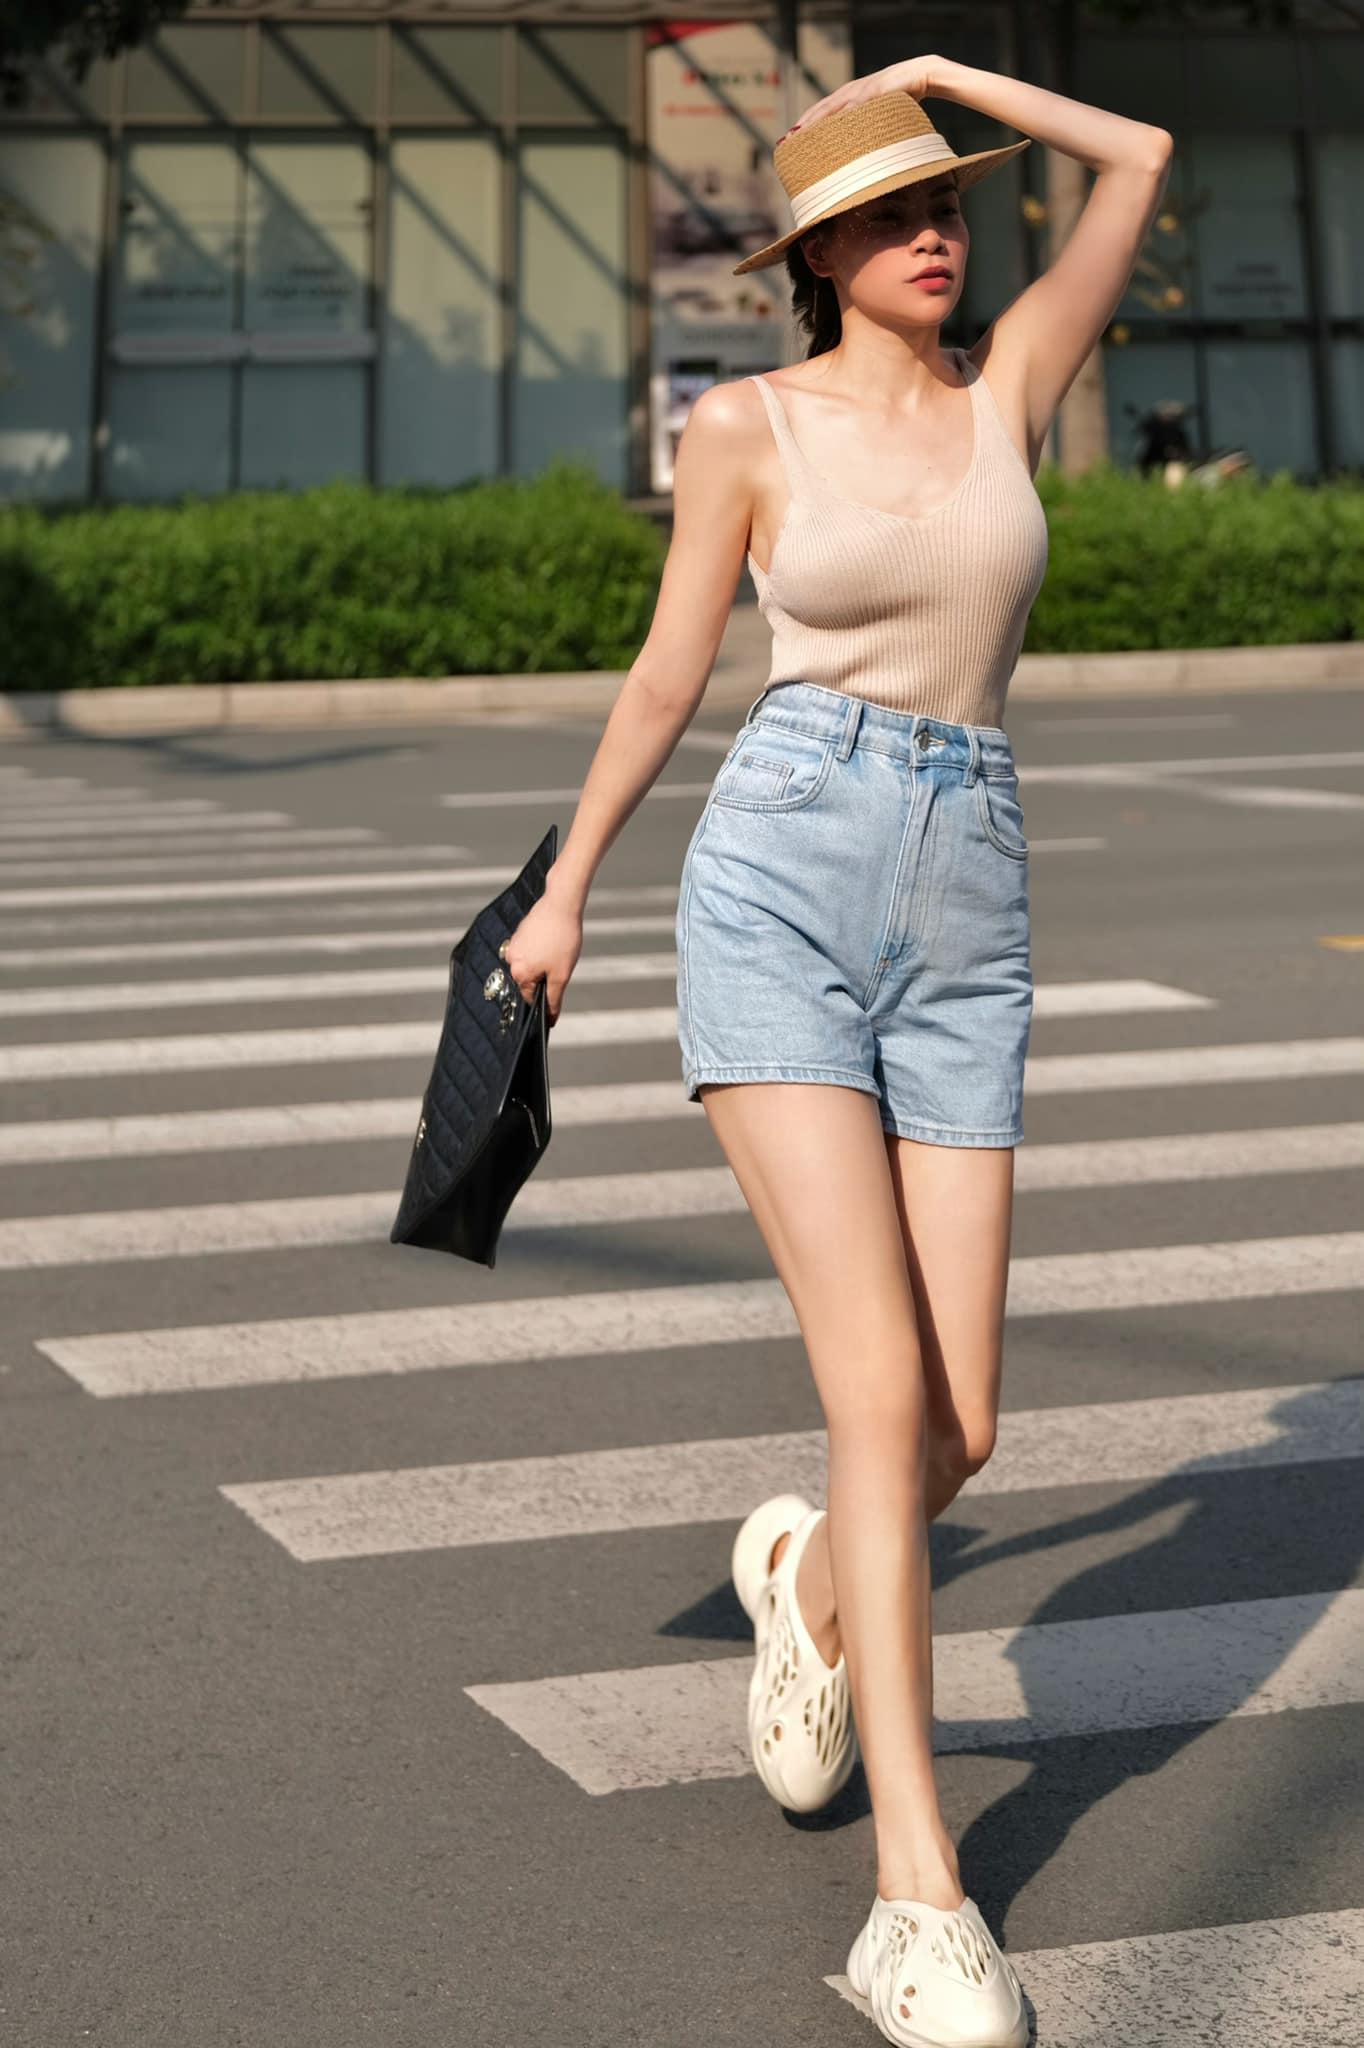 Hà Hồ diện đồ đơn giản nhưng khoe được vóc dáng săn chắc, nuột nà. Áo ôm sát body và quần shorts jeans được nữ ca sĩ tăng độ chất bằng phụ kiện mũ cói và túi Chanel size lớn.